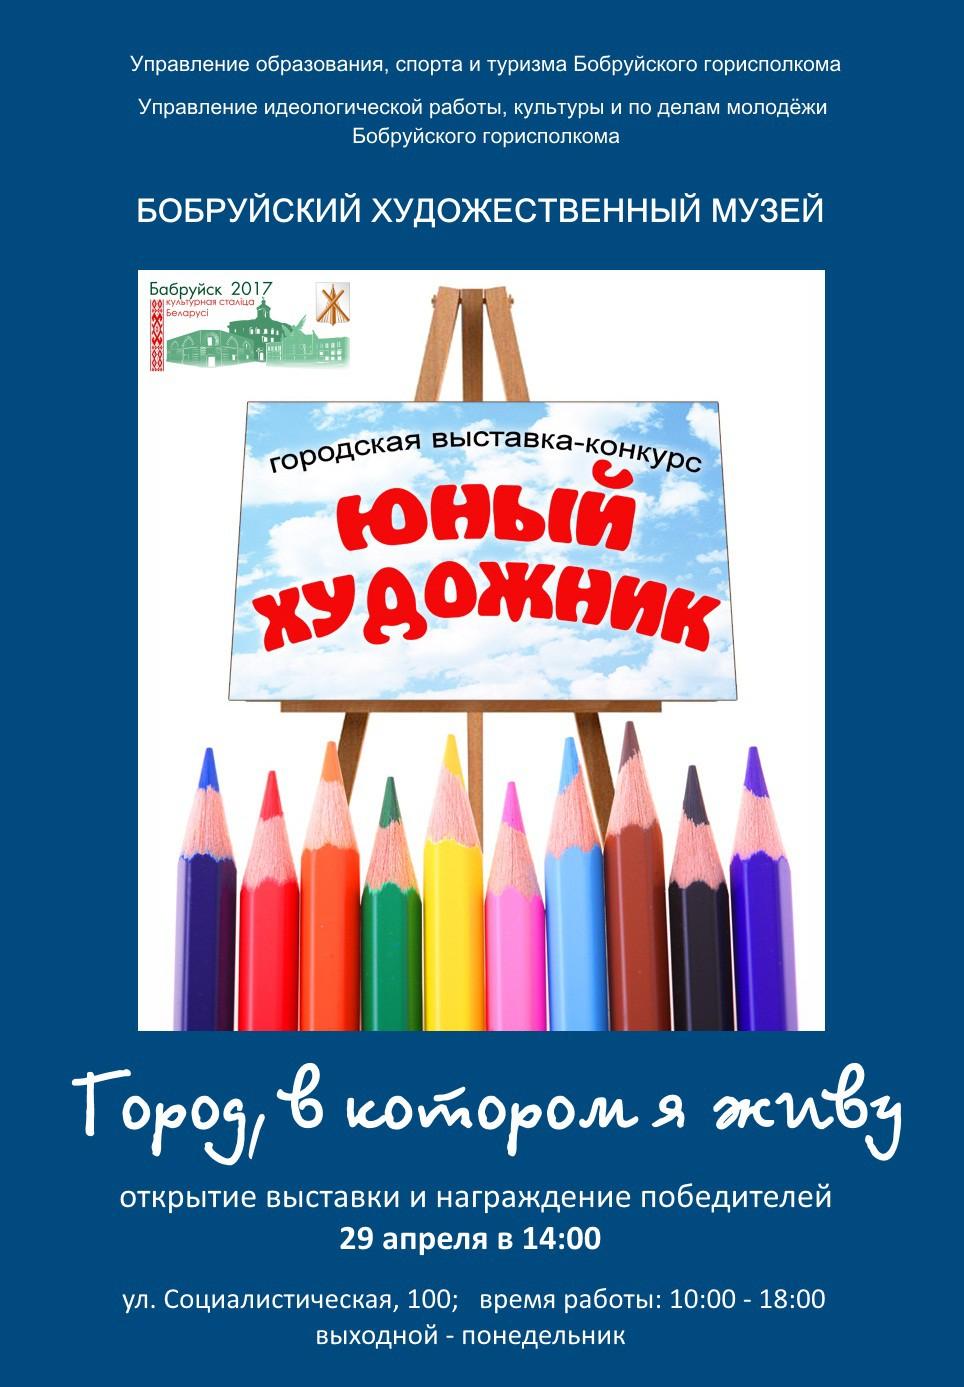 Взглянуть на Бобруйск глазами детей все желающие смогут на выставке-конкурсе «Юный художник»